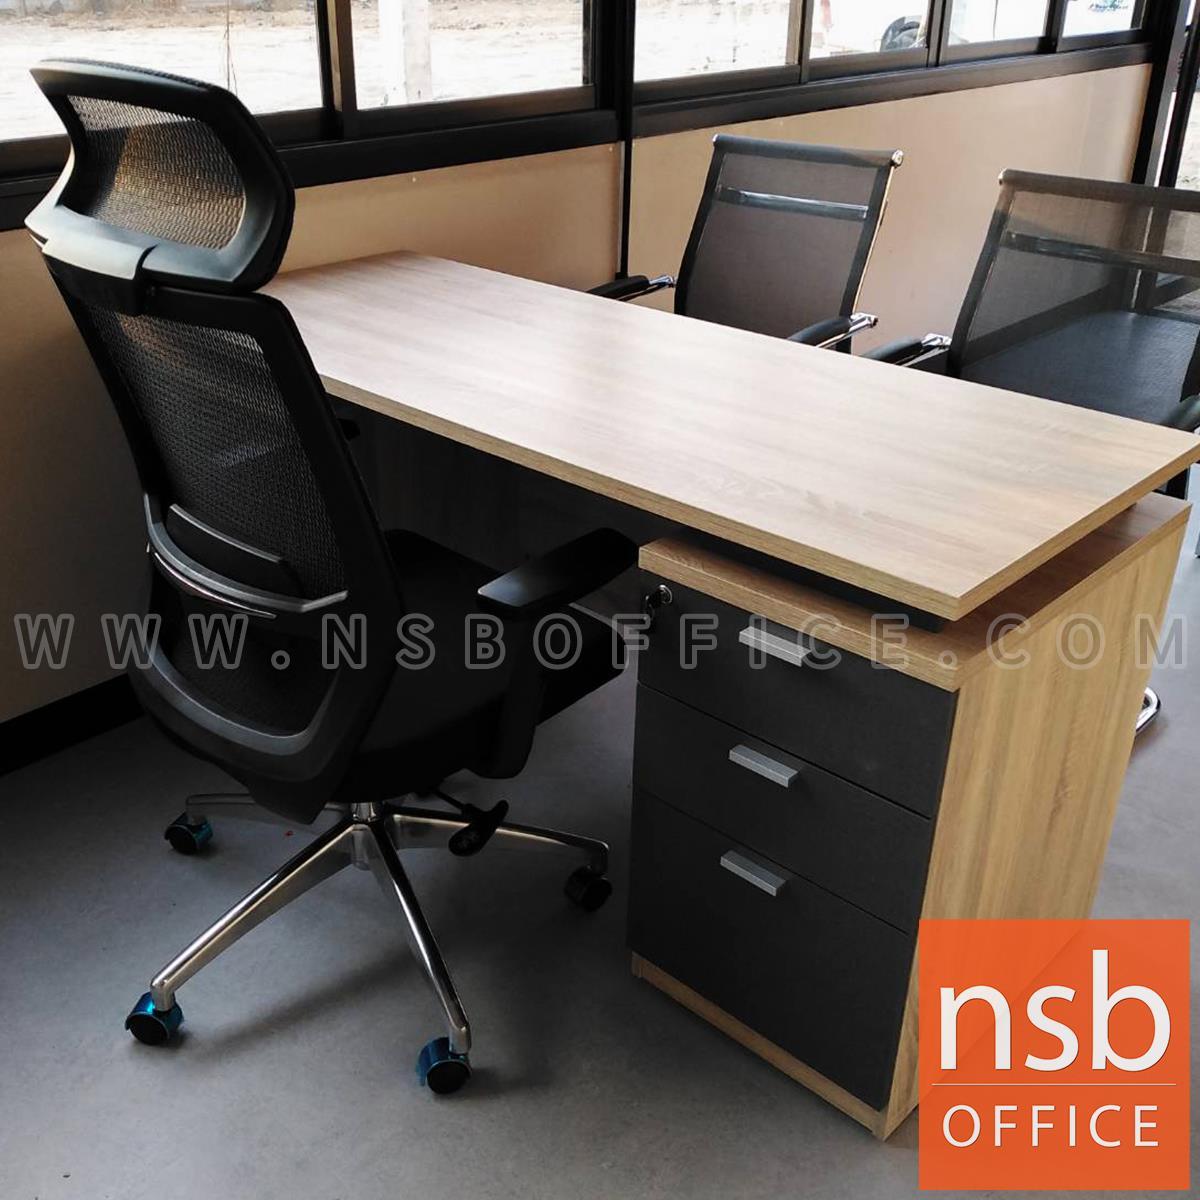 โต๊ะทำงาน 3 ลิ้นชัก 1 บานเปิด  รุ่น Dmelio (ดิเมลิโอ) ขนาด 150W cm. พร้อมกุญแจล็อค